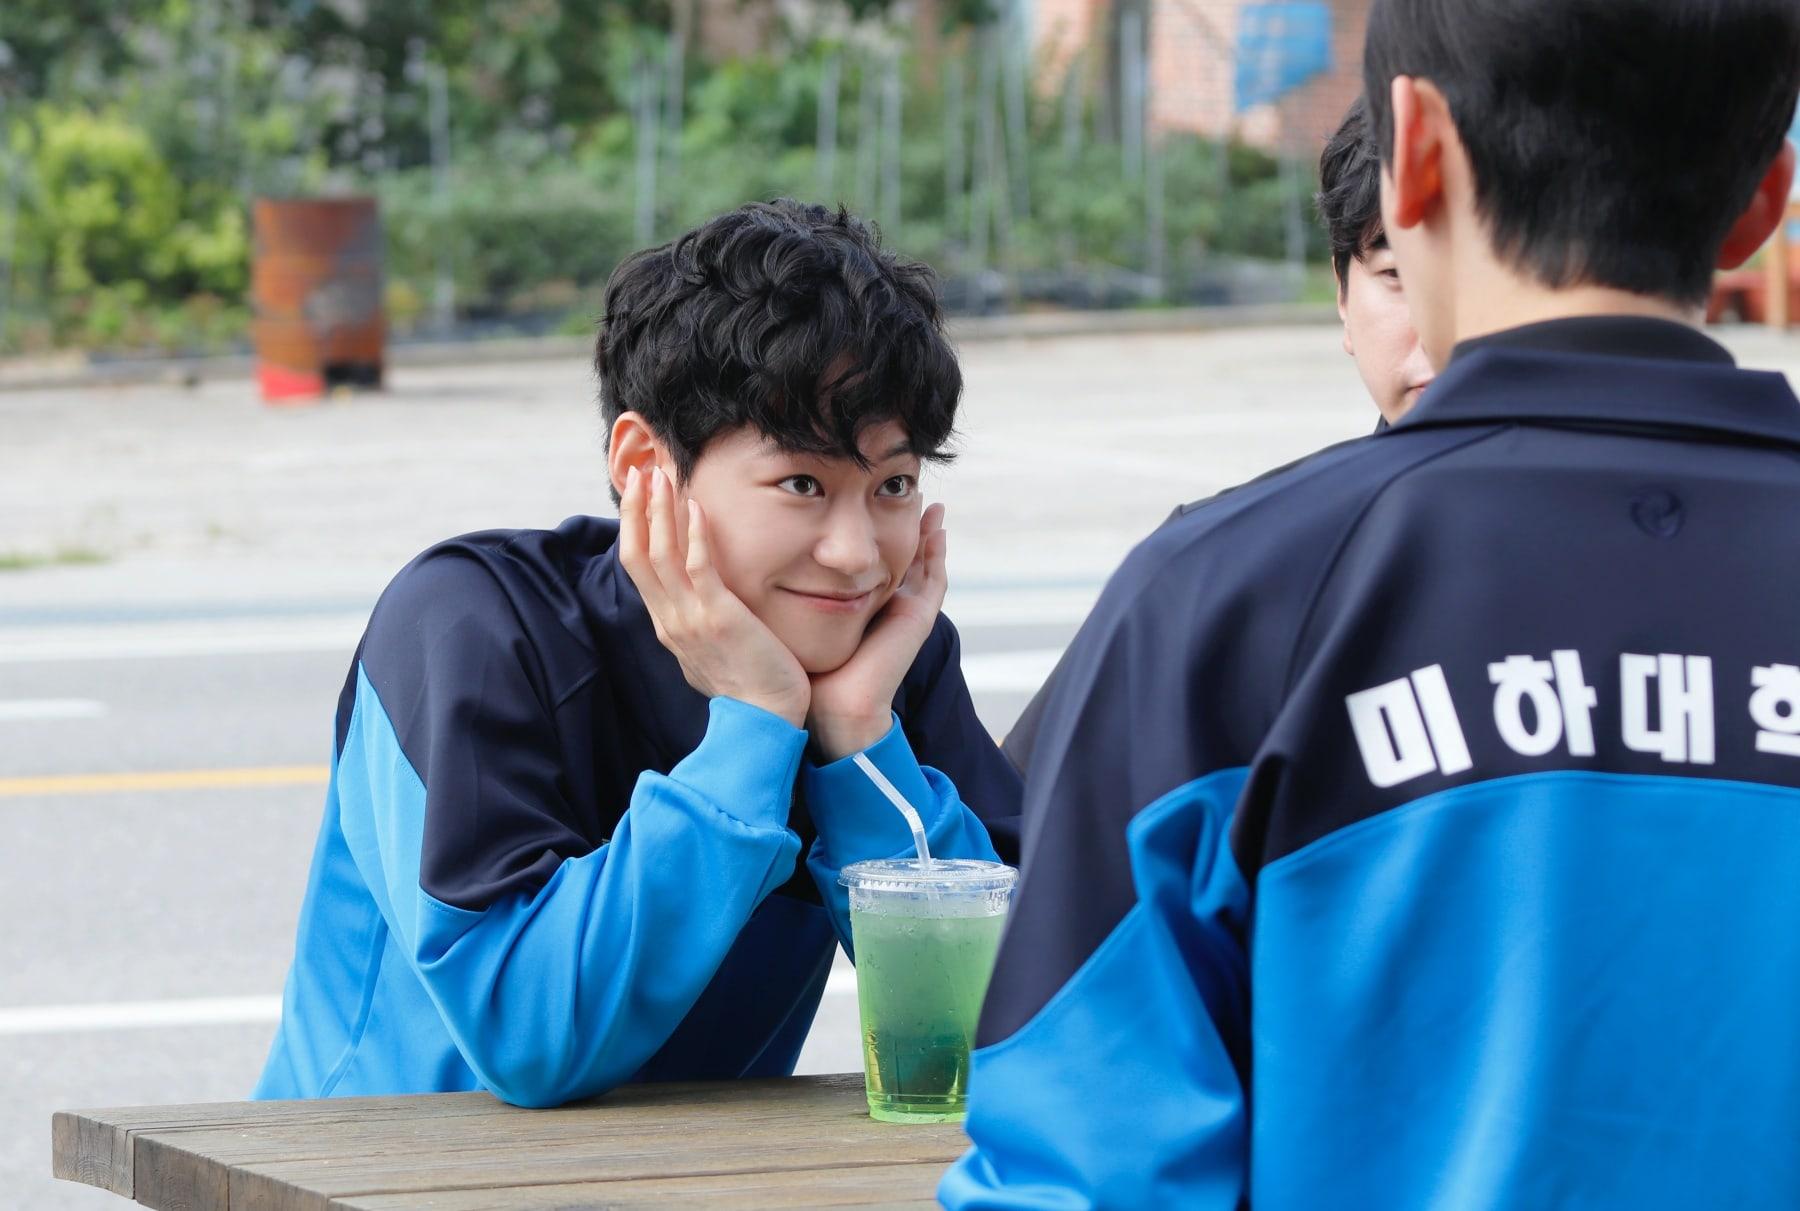 cheon seung ho lee se jin 6